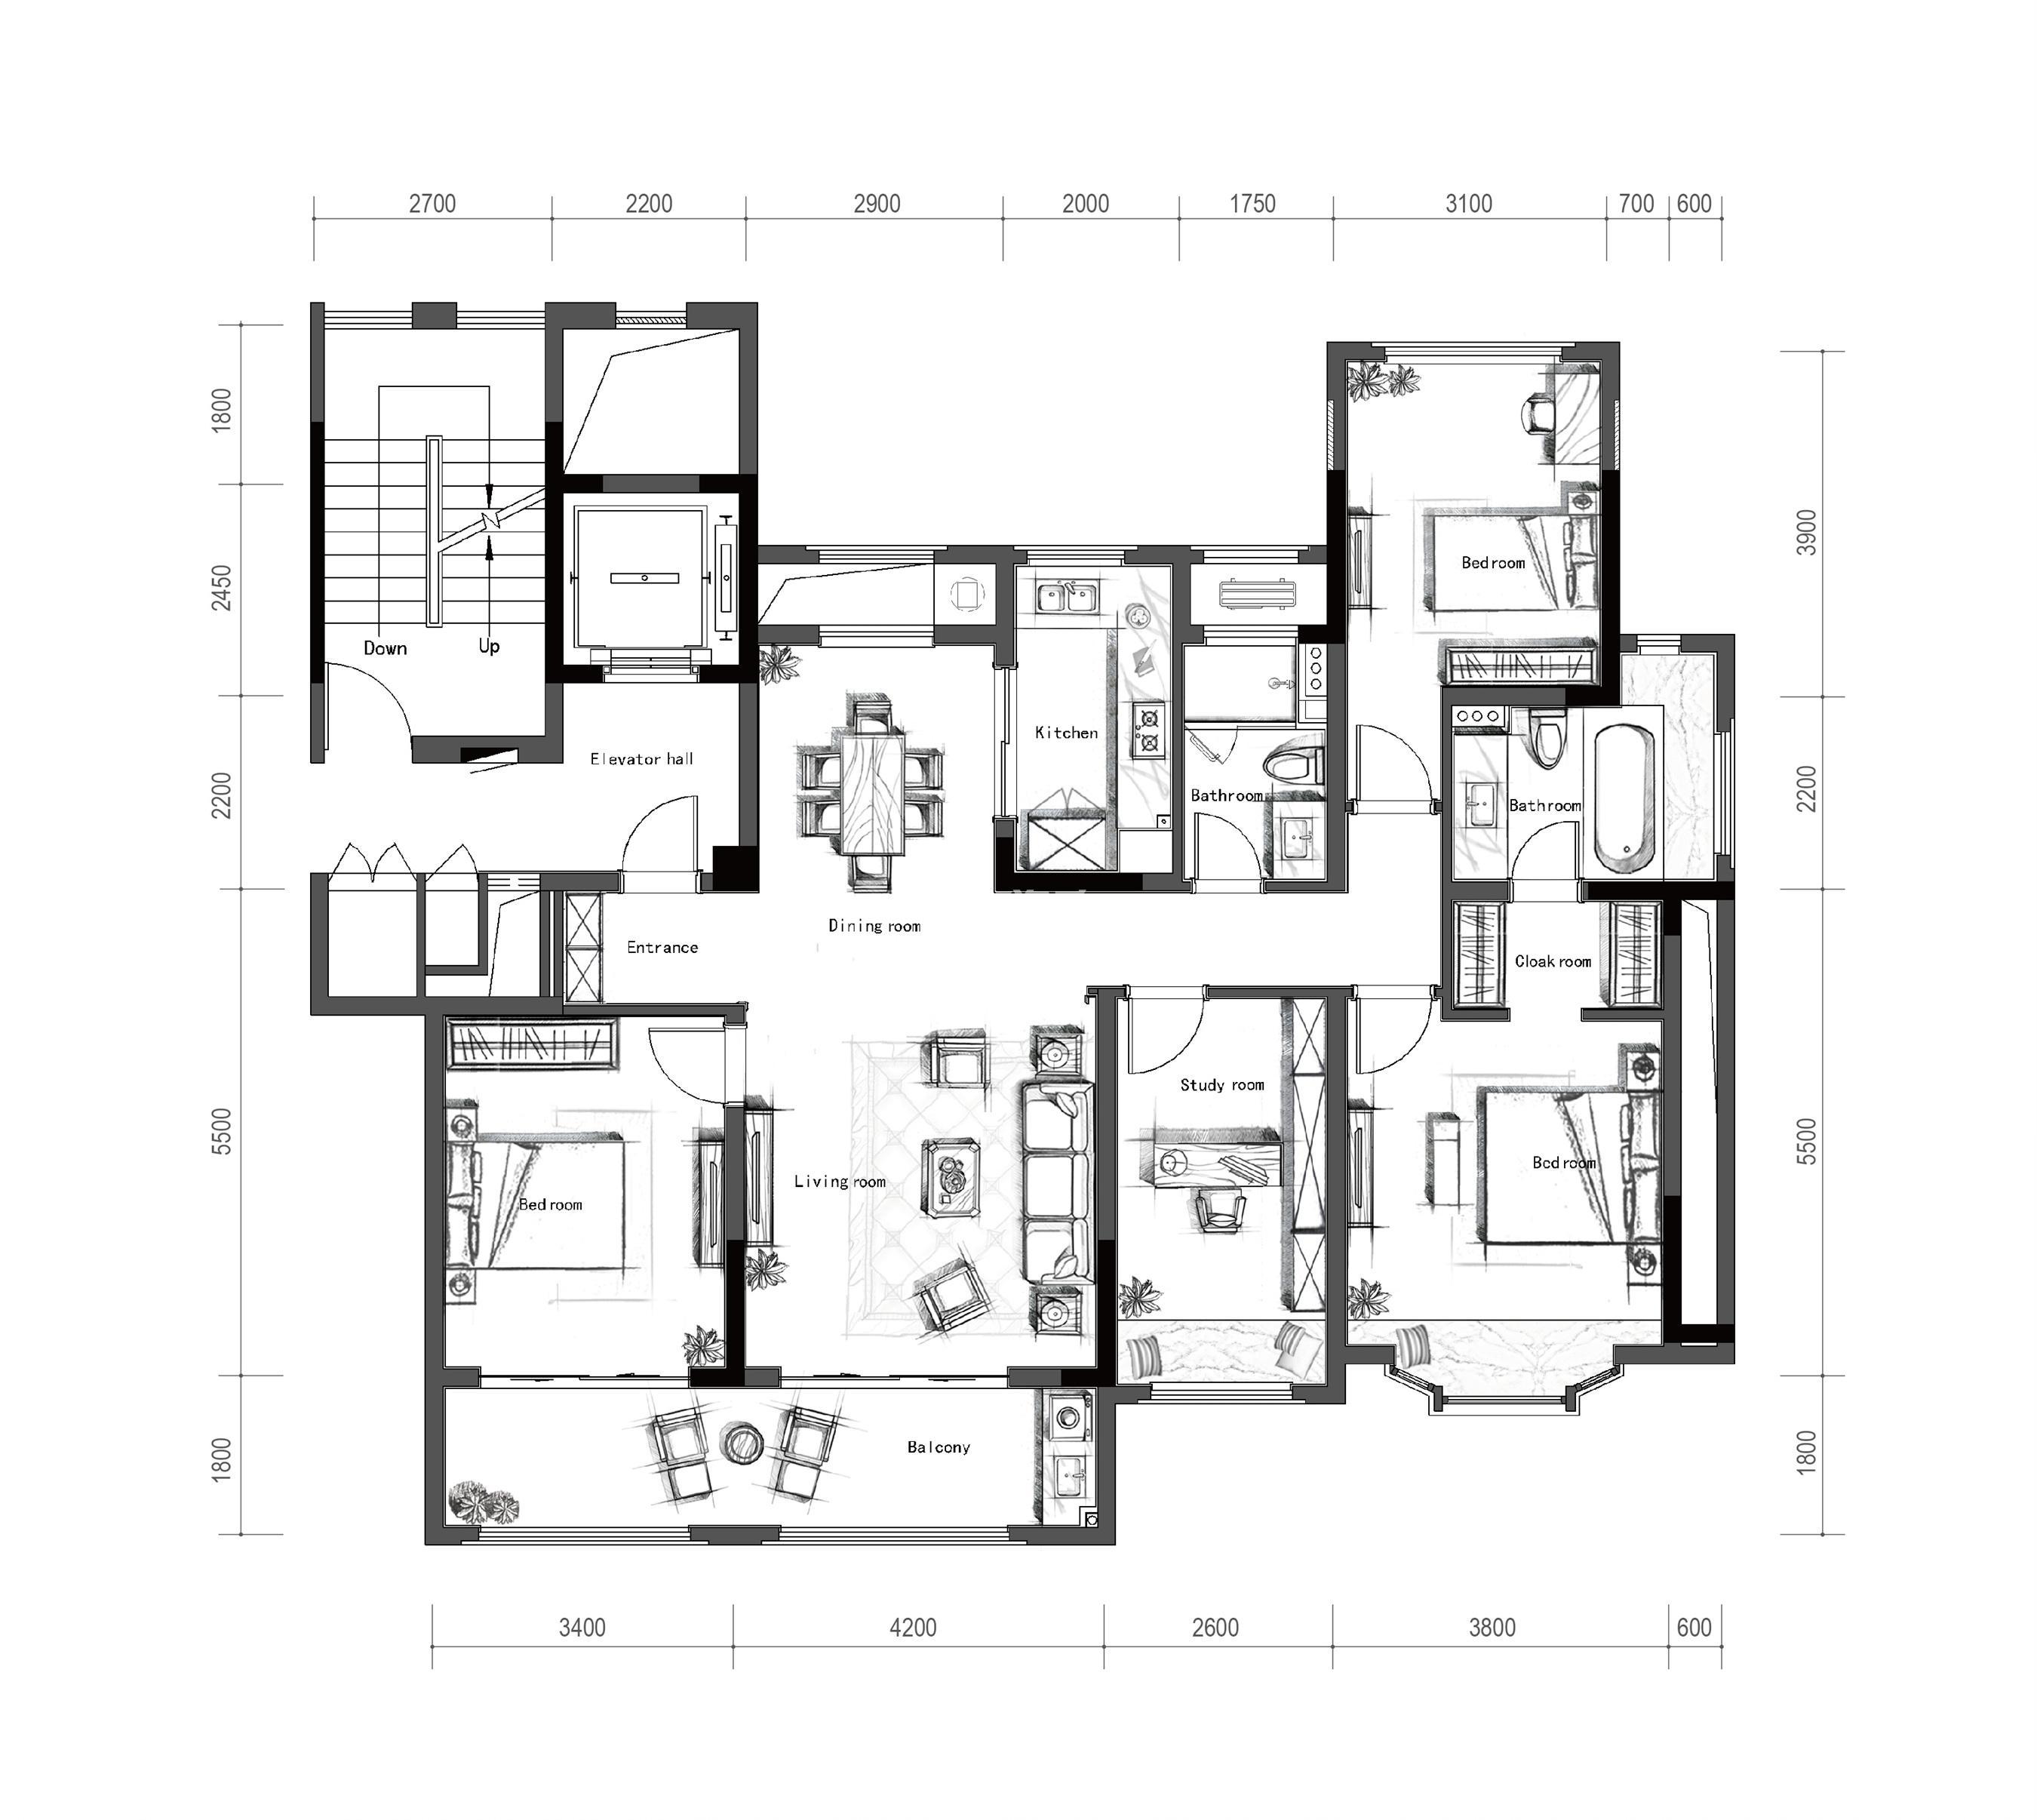 万科新都会1958项目1、3、5号楼【达利阳光】户型 139㎡